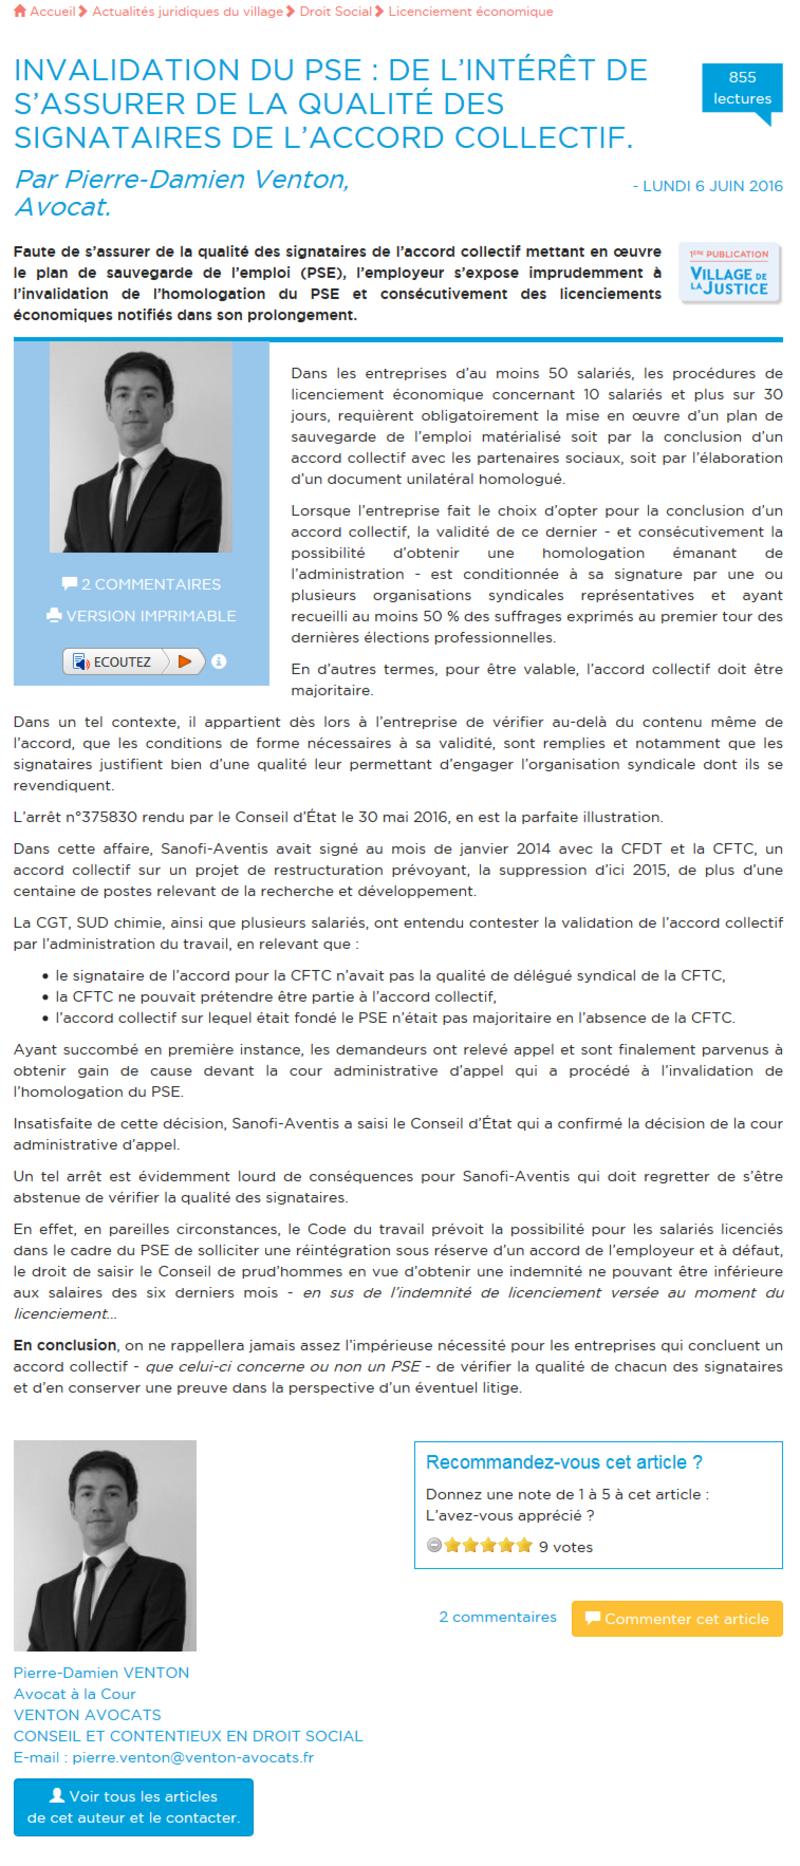 Invalidation du PSE : De l'intérêt de s'assurer de la qualité des signataires de l'accord collectif 1